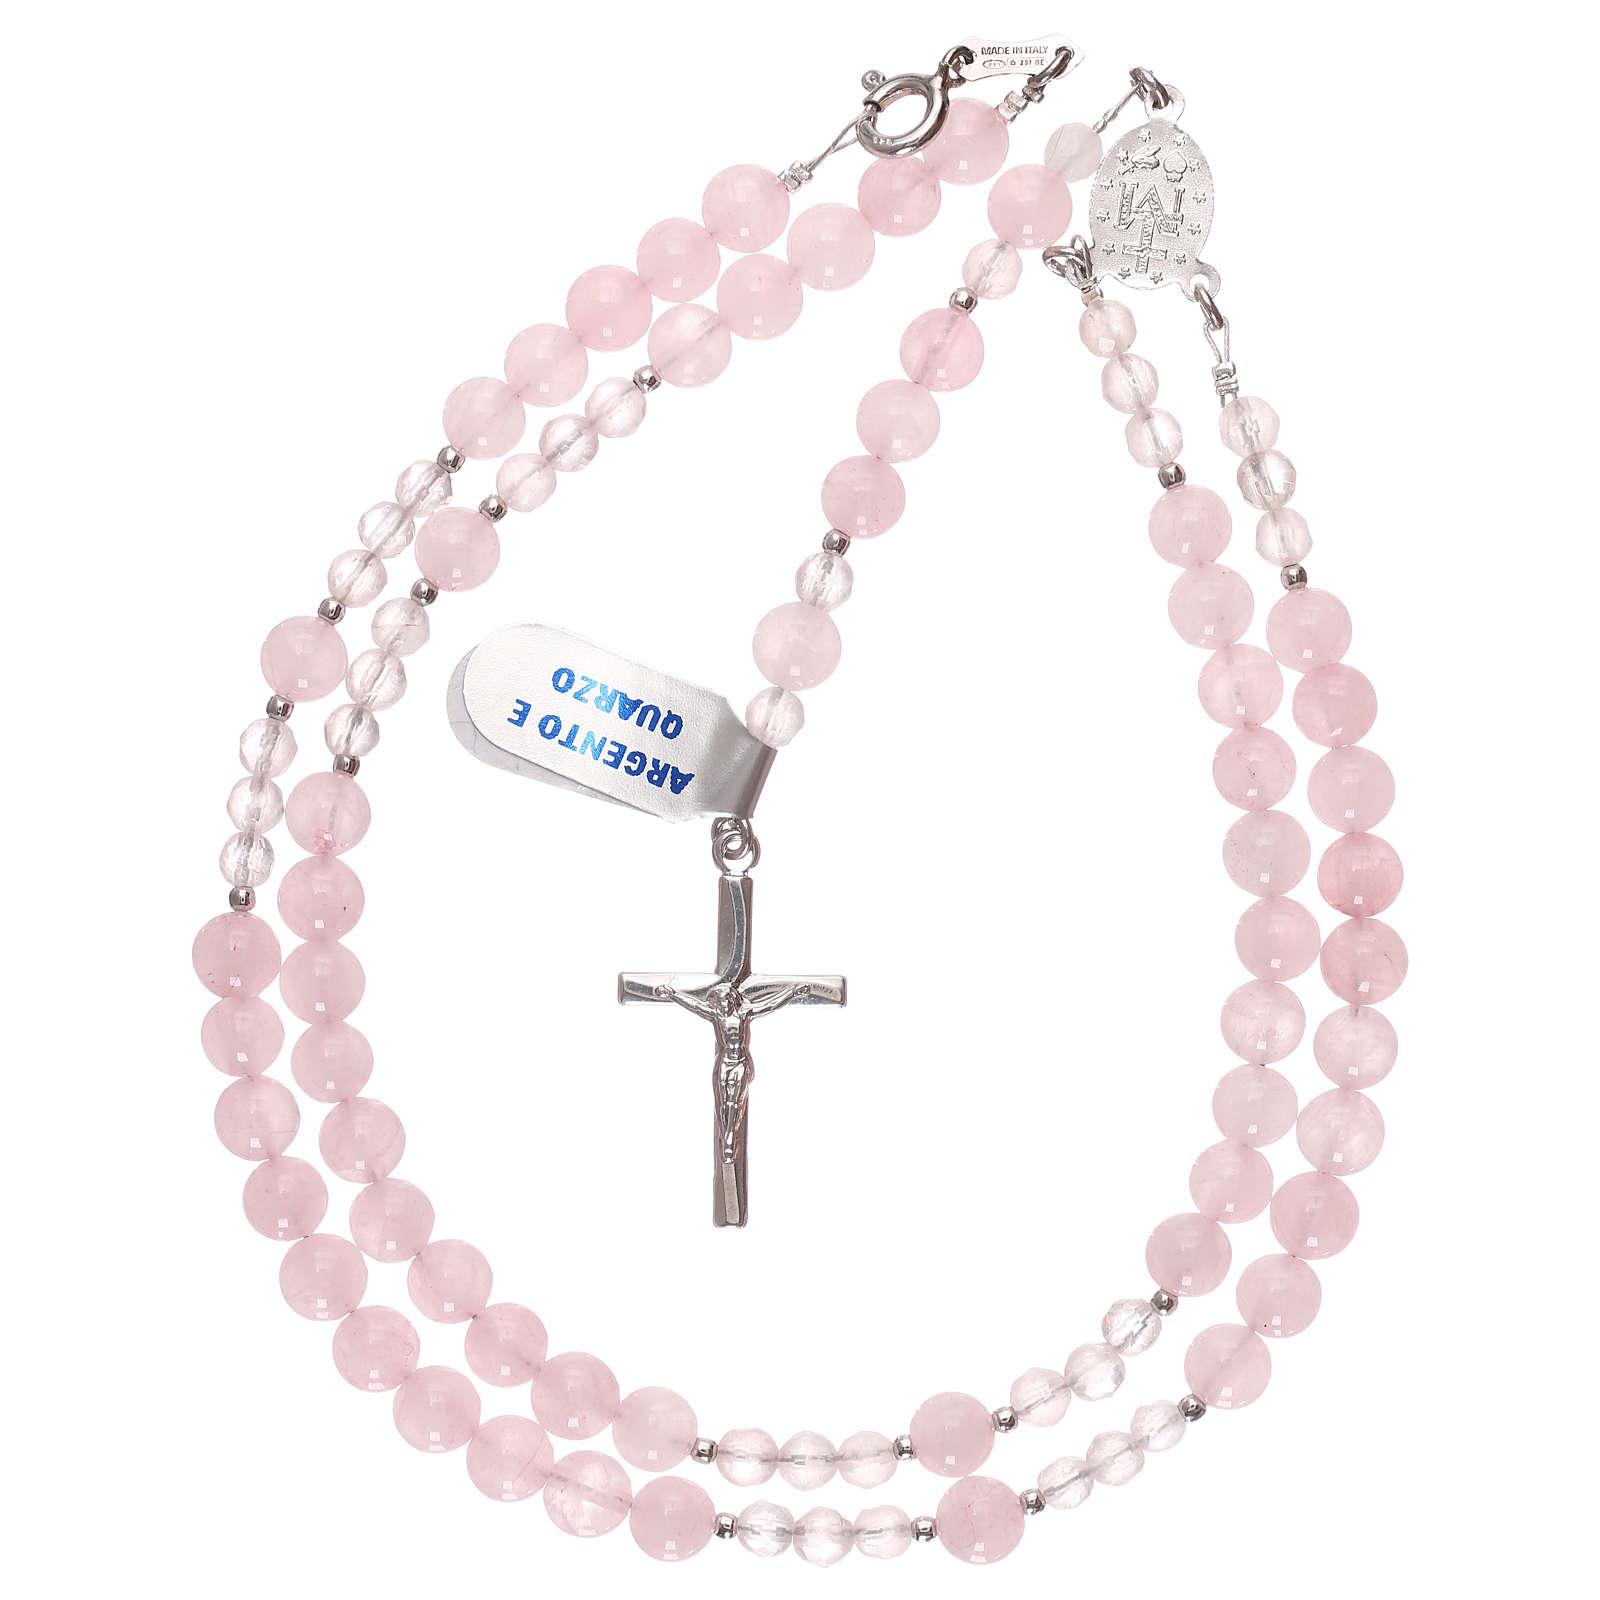 Rosario grani quarzo rosa e argento 925 4